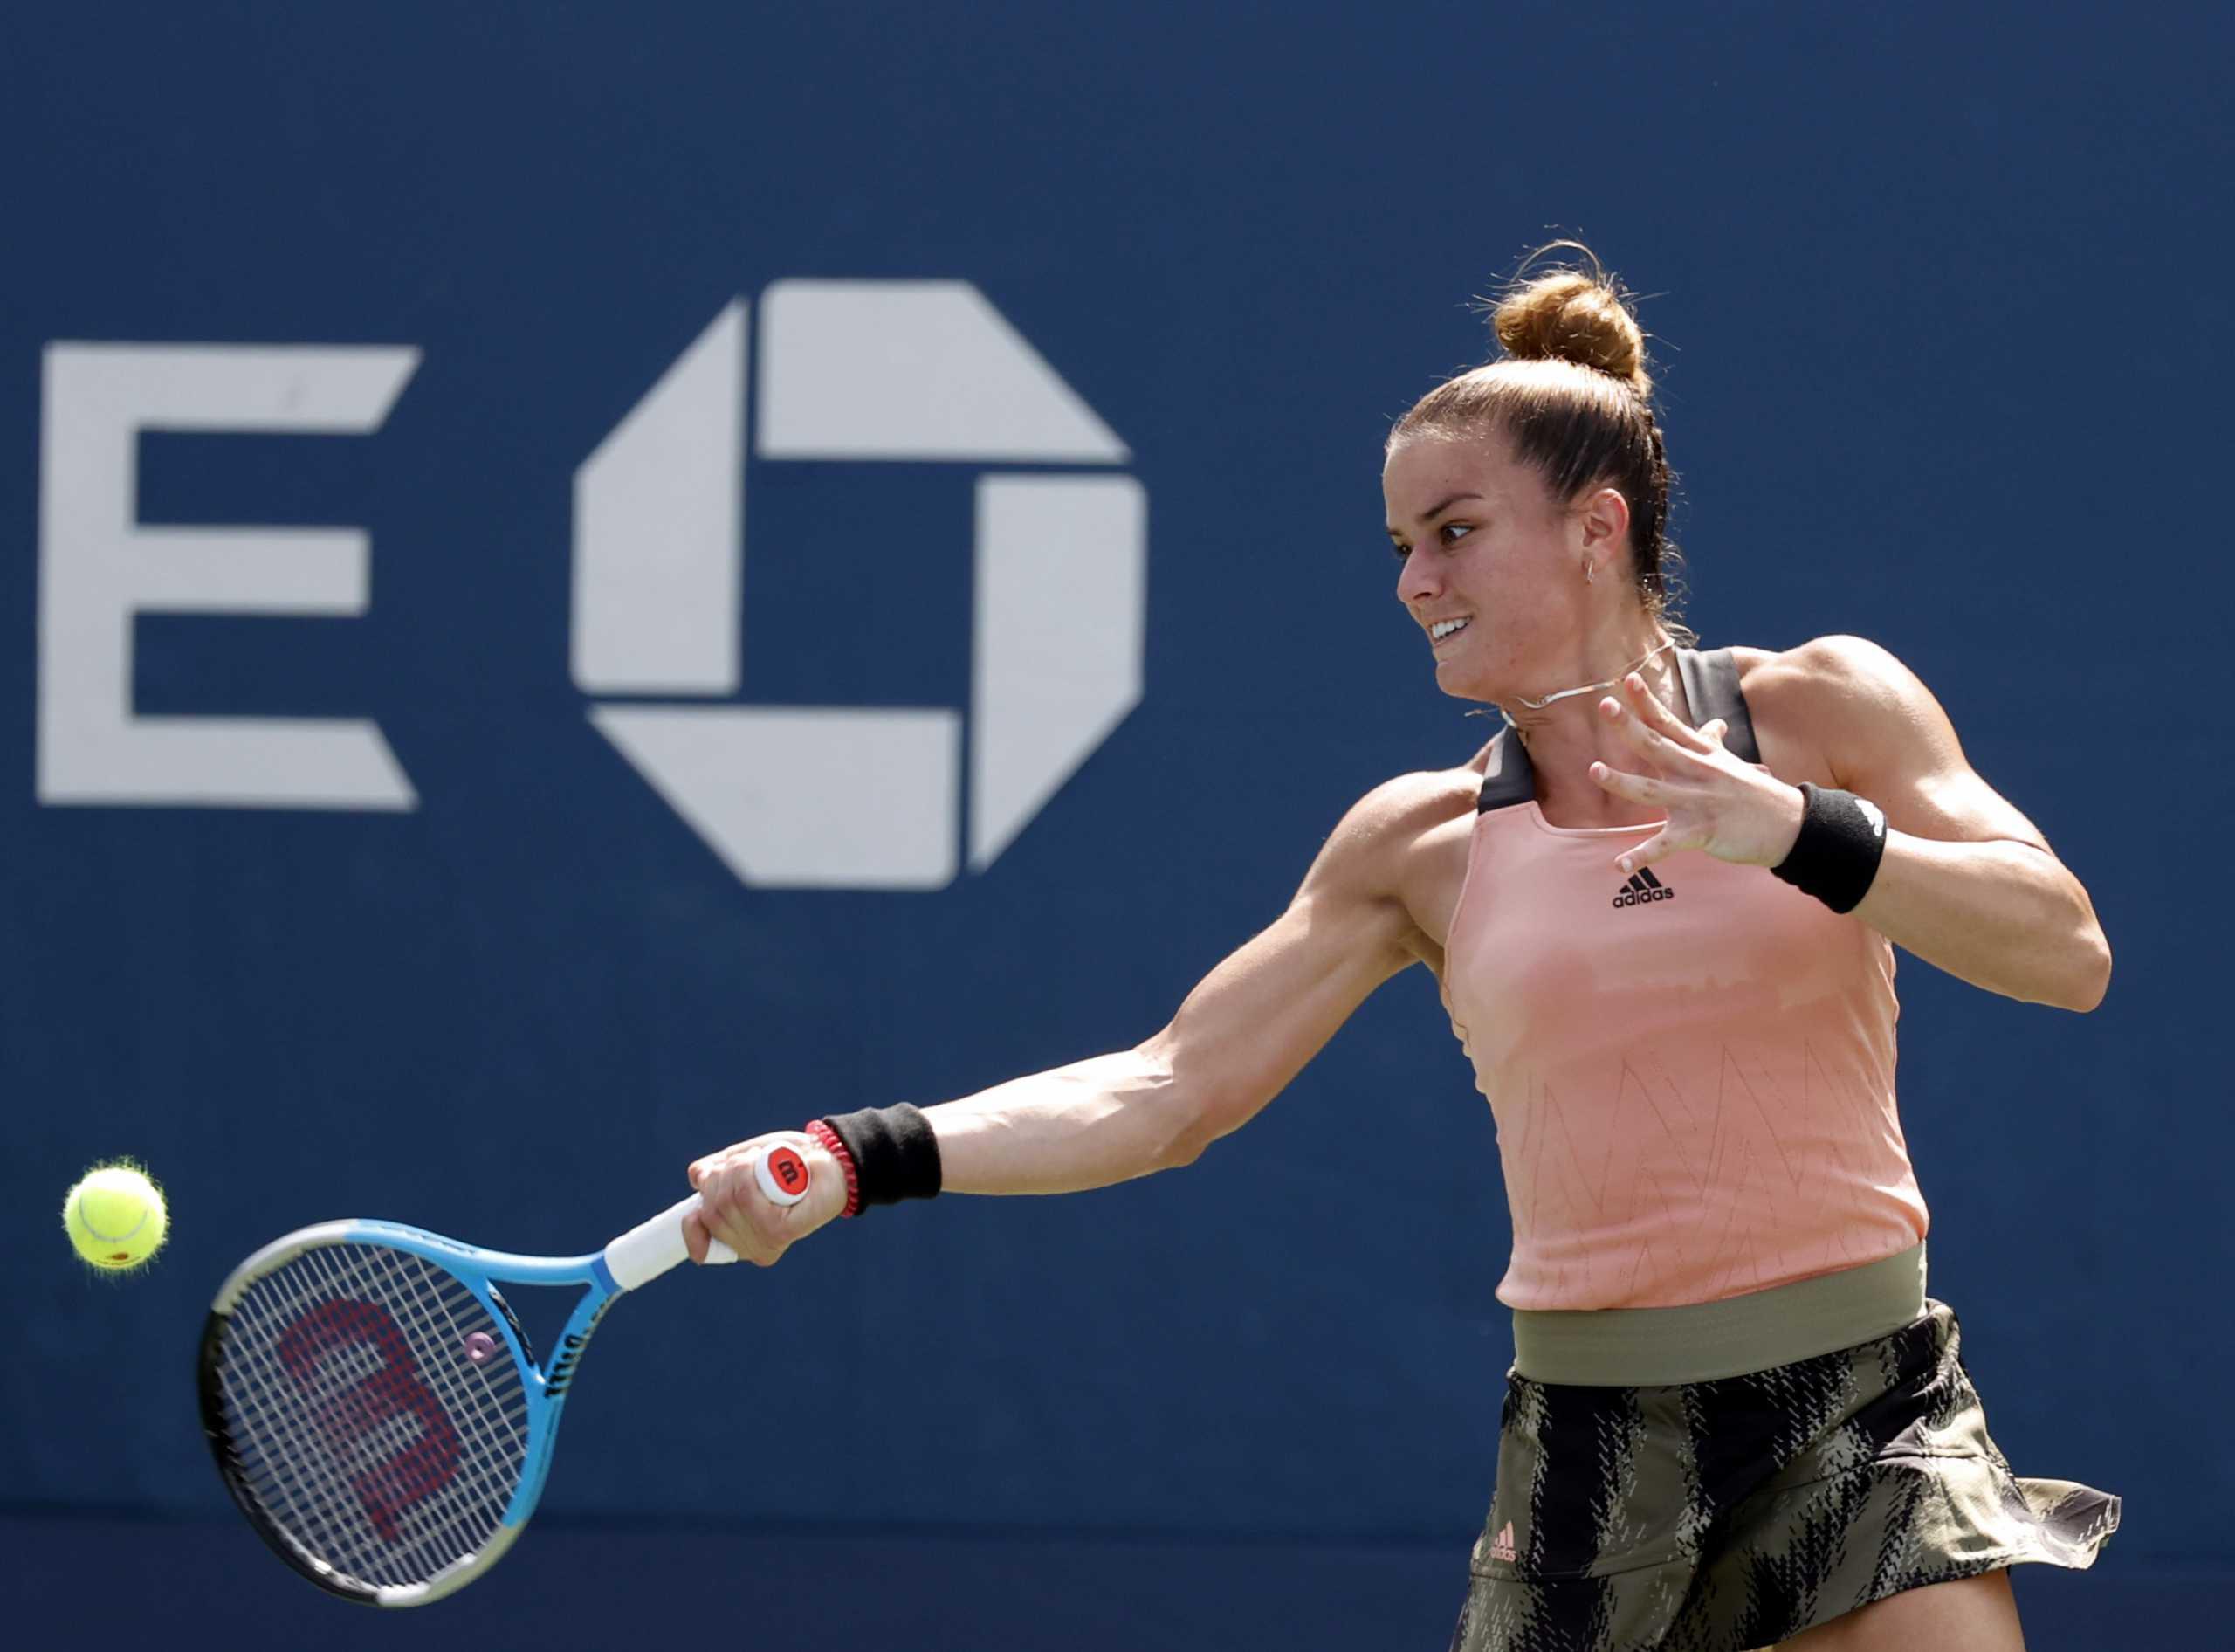 Μαρία Σάκκαρη – Πέτρα Κβίτοβα: Τι ώρα παίζει η Ελληνίδα τενίστρια στο US Open